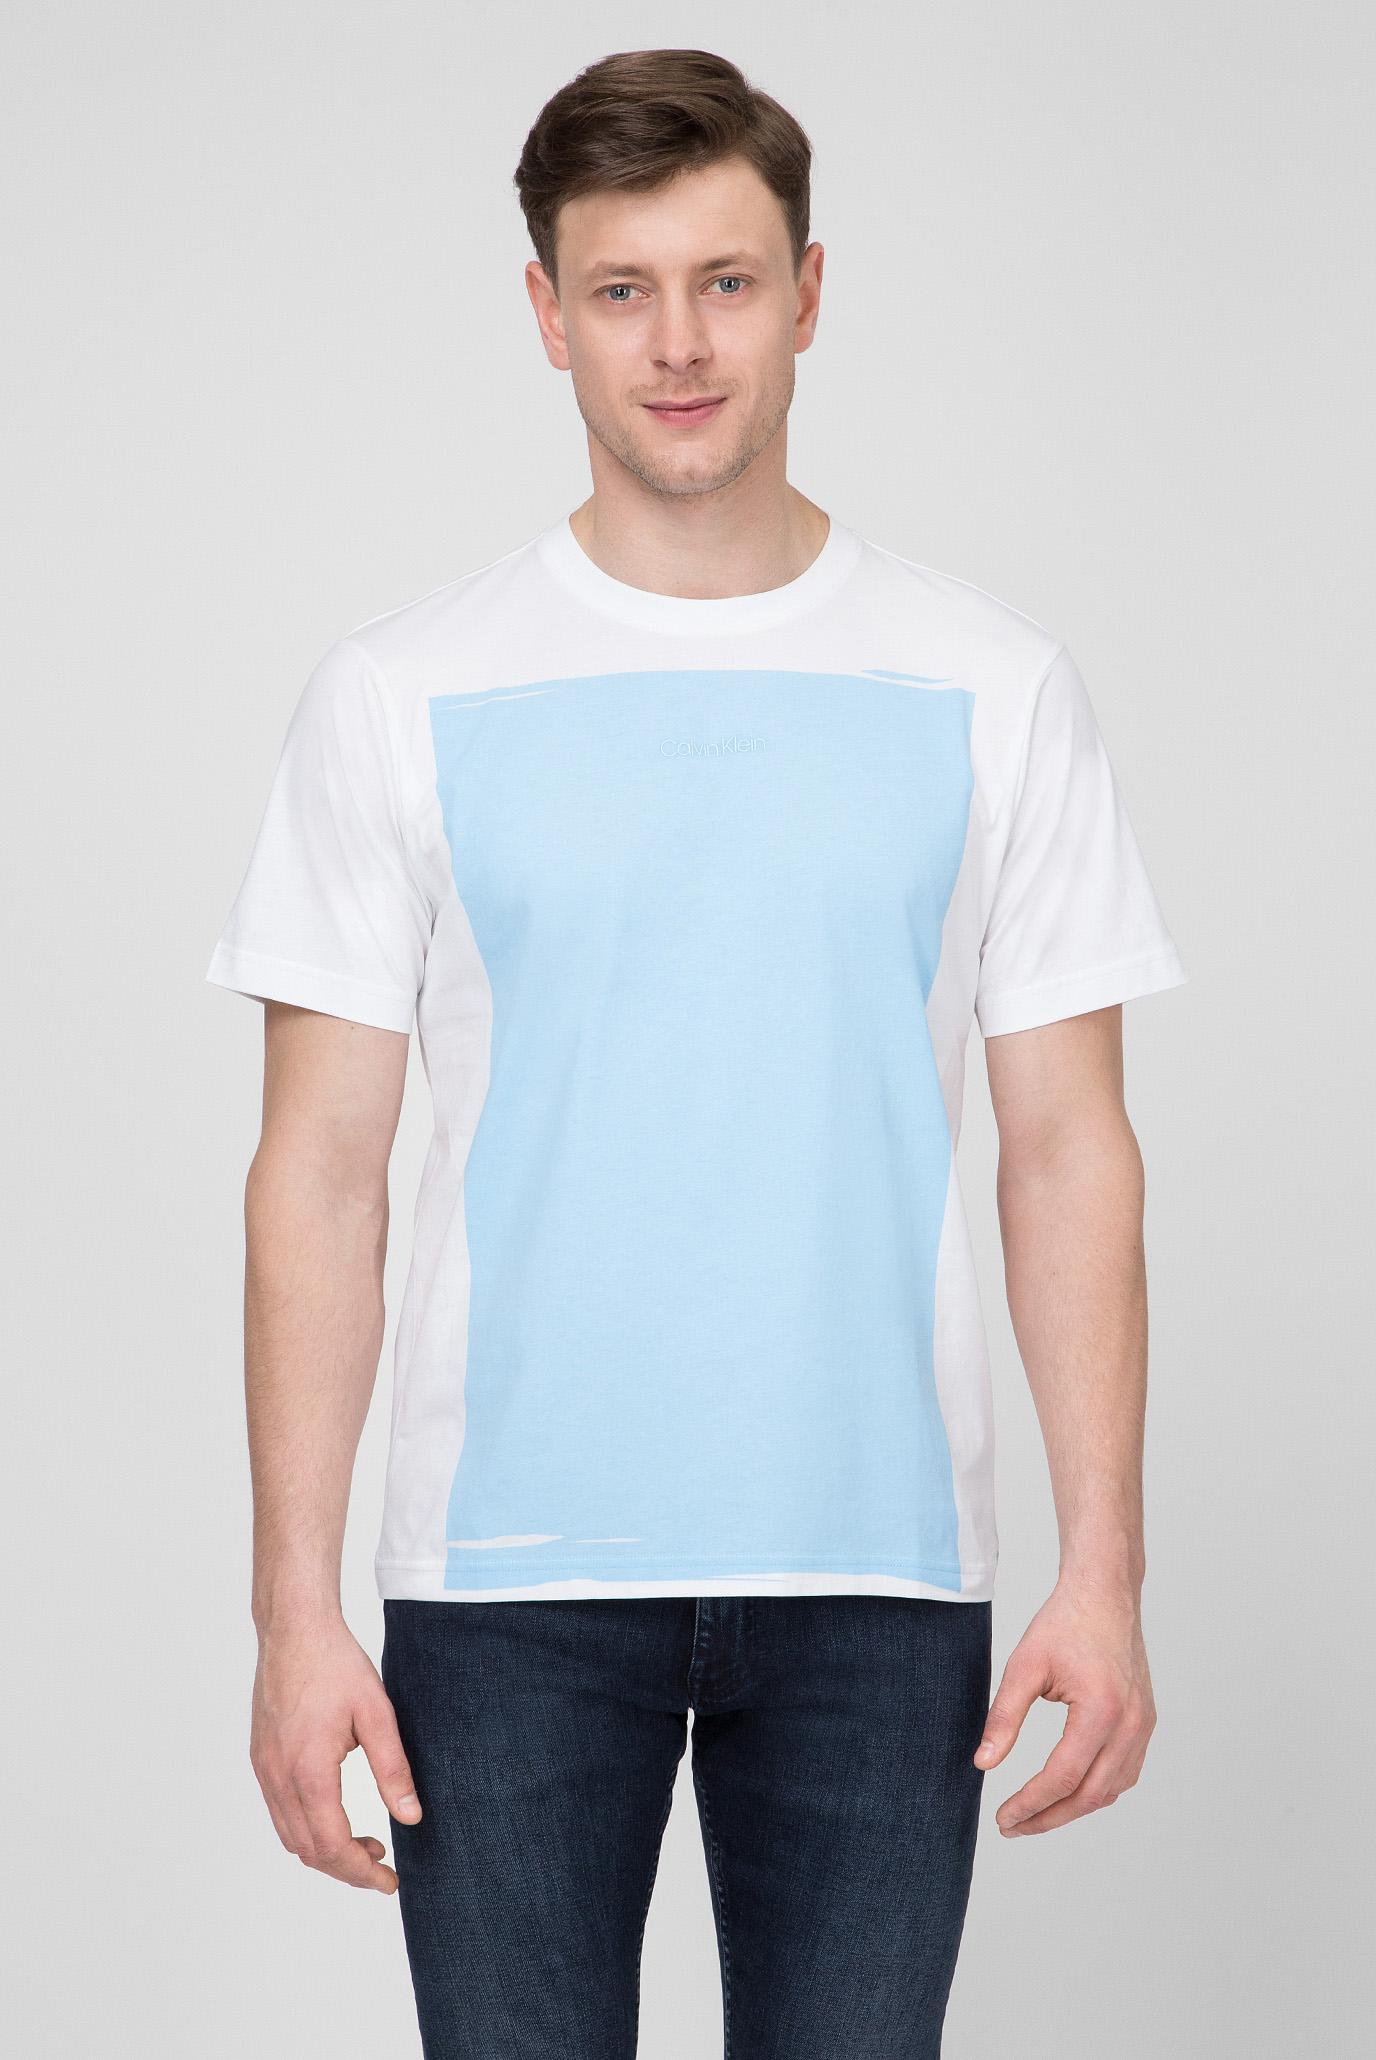 36d4cb8469599 Купить Мужская футболка с принтом Calvin Klein Calvin Klein K10K103675 –  Киев, Украина. Цены в интернет магазине ...